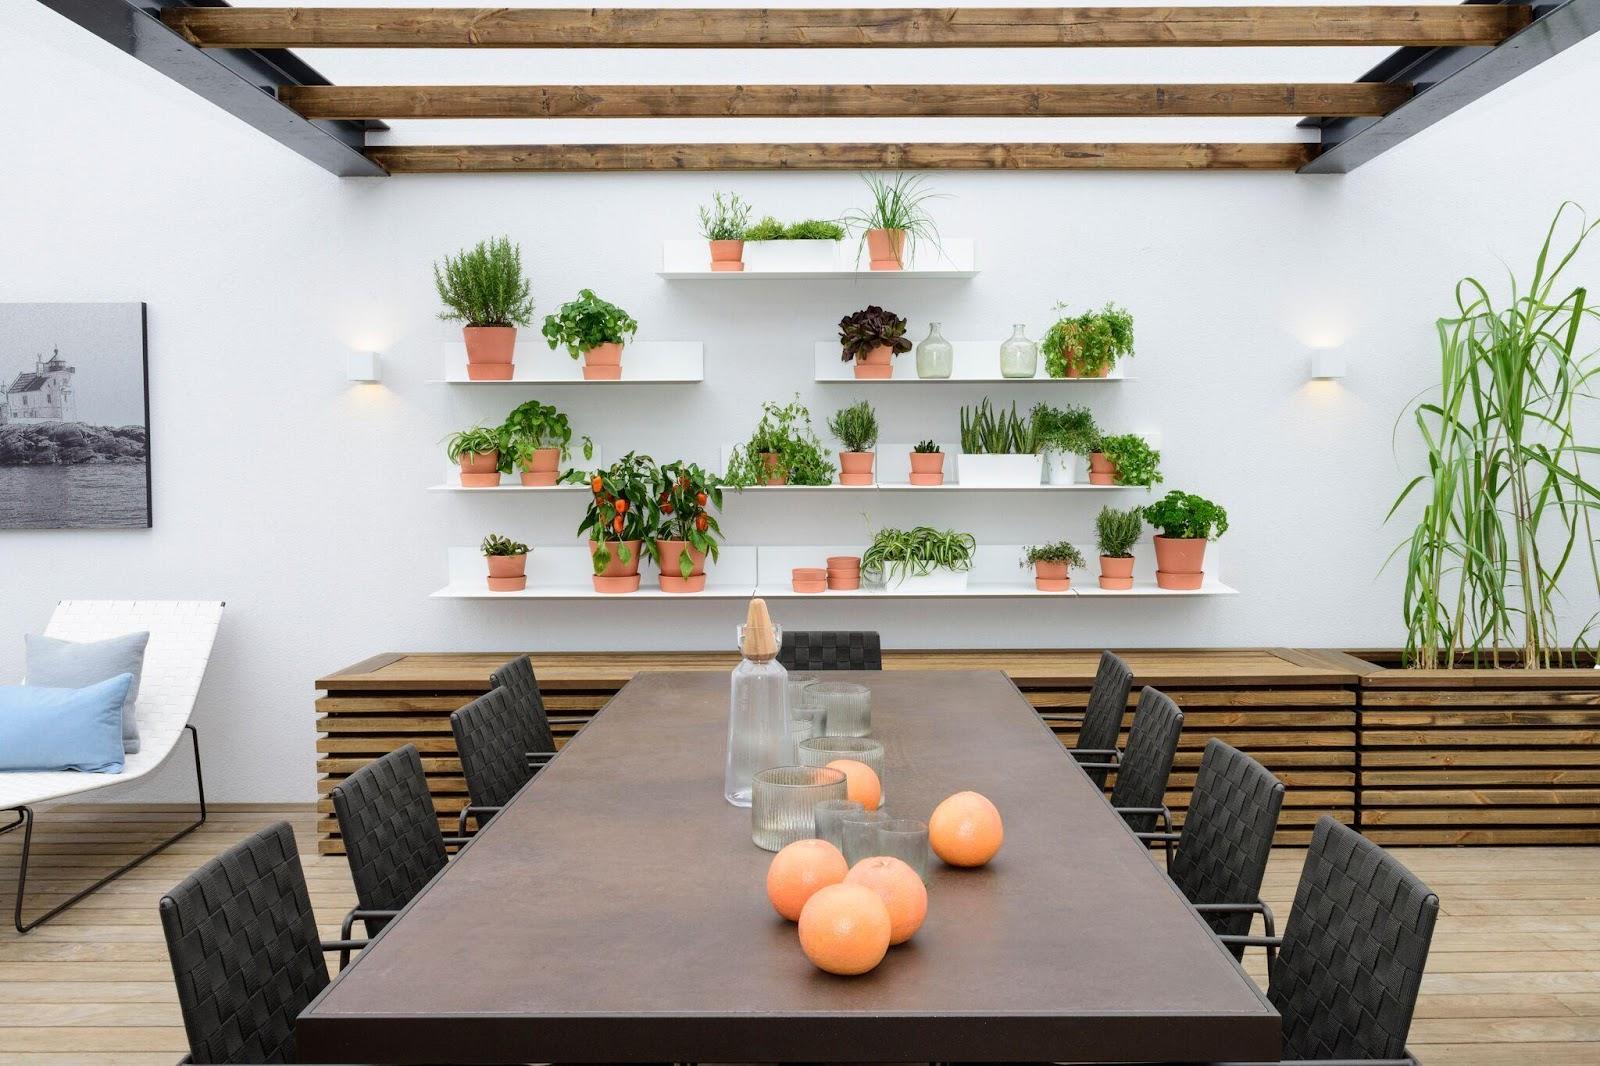 tag naturen til tagterrassen med potteplanter af forskellig størrelse